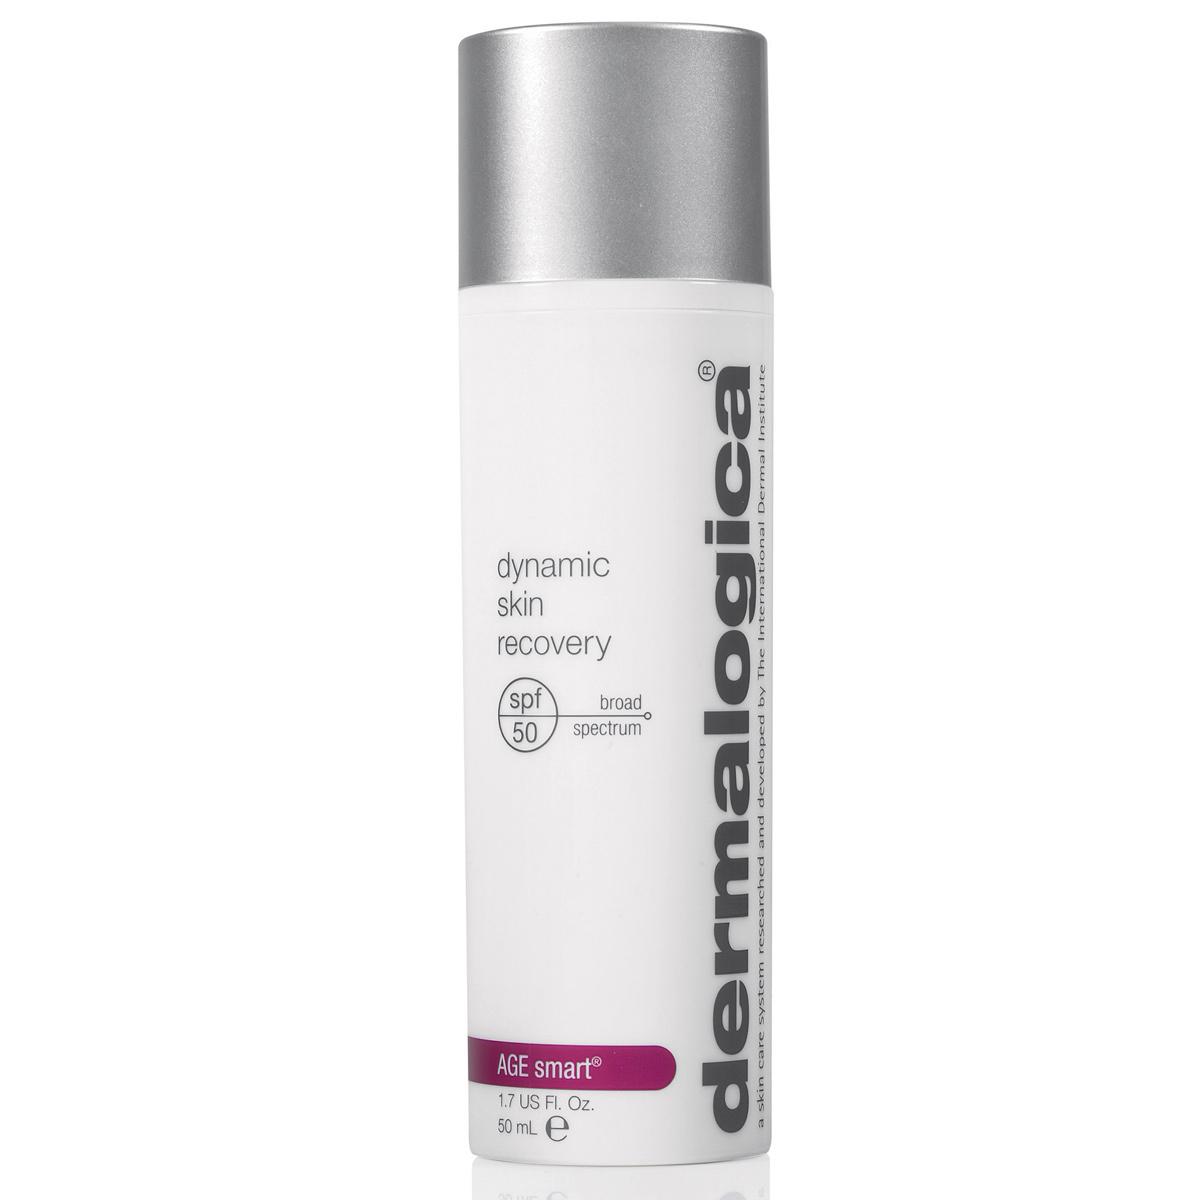 Dynamic Skin Recovery 50+ de Dermalogica.